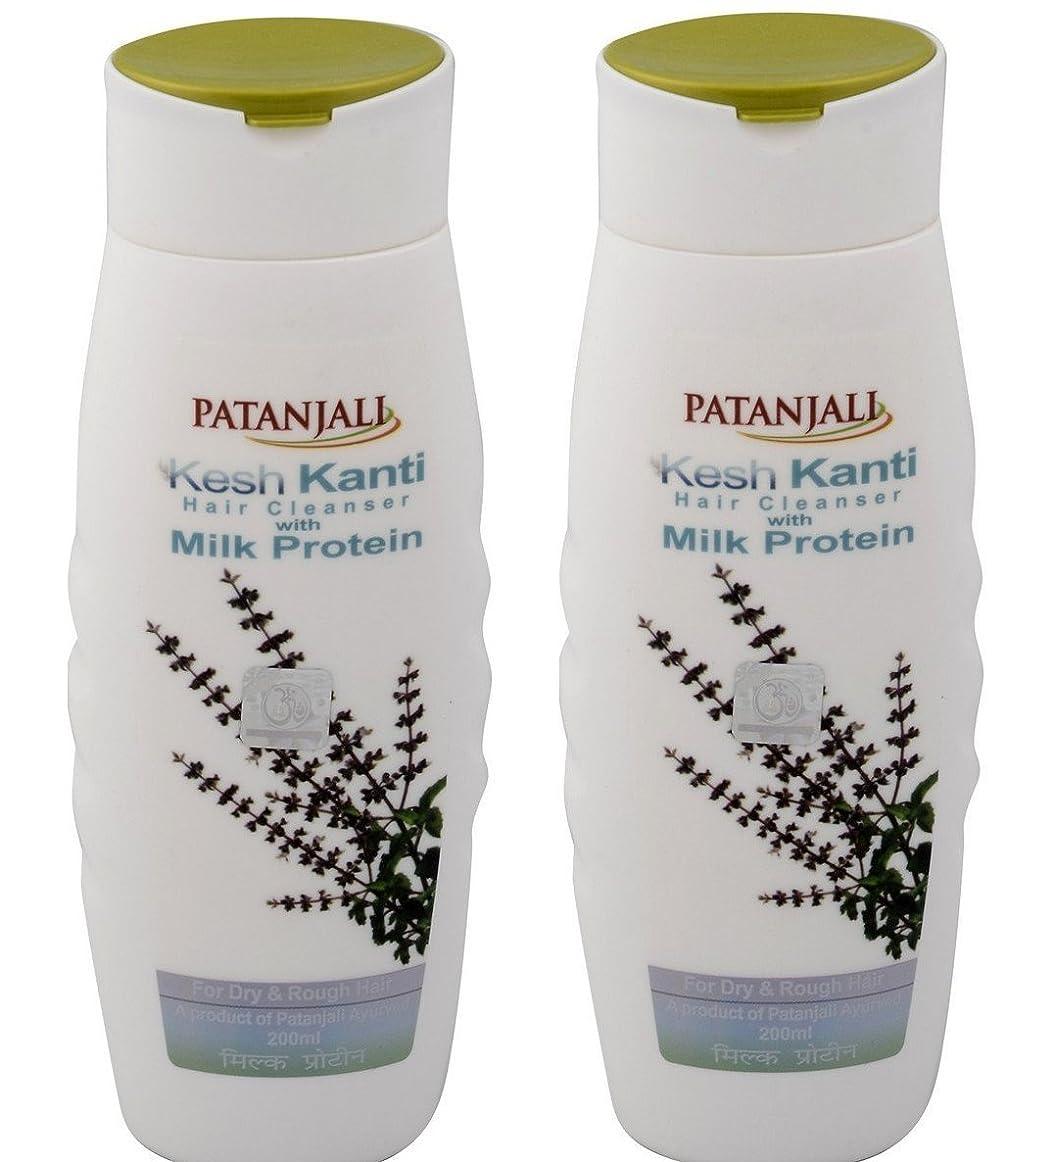 接触メイエラ気づかないPatanjali Kesh Kanti Milk Protein Hair Cleanser Shampoo, 200ml (Pack of 2)